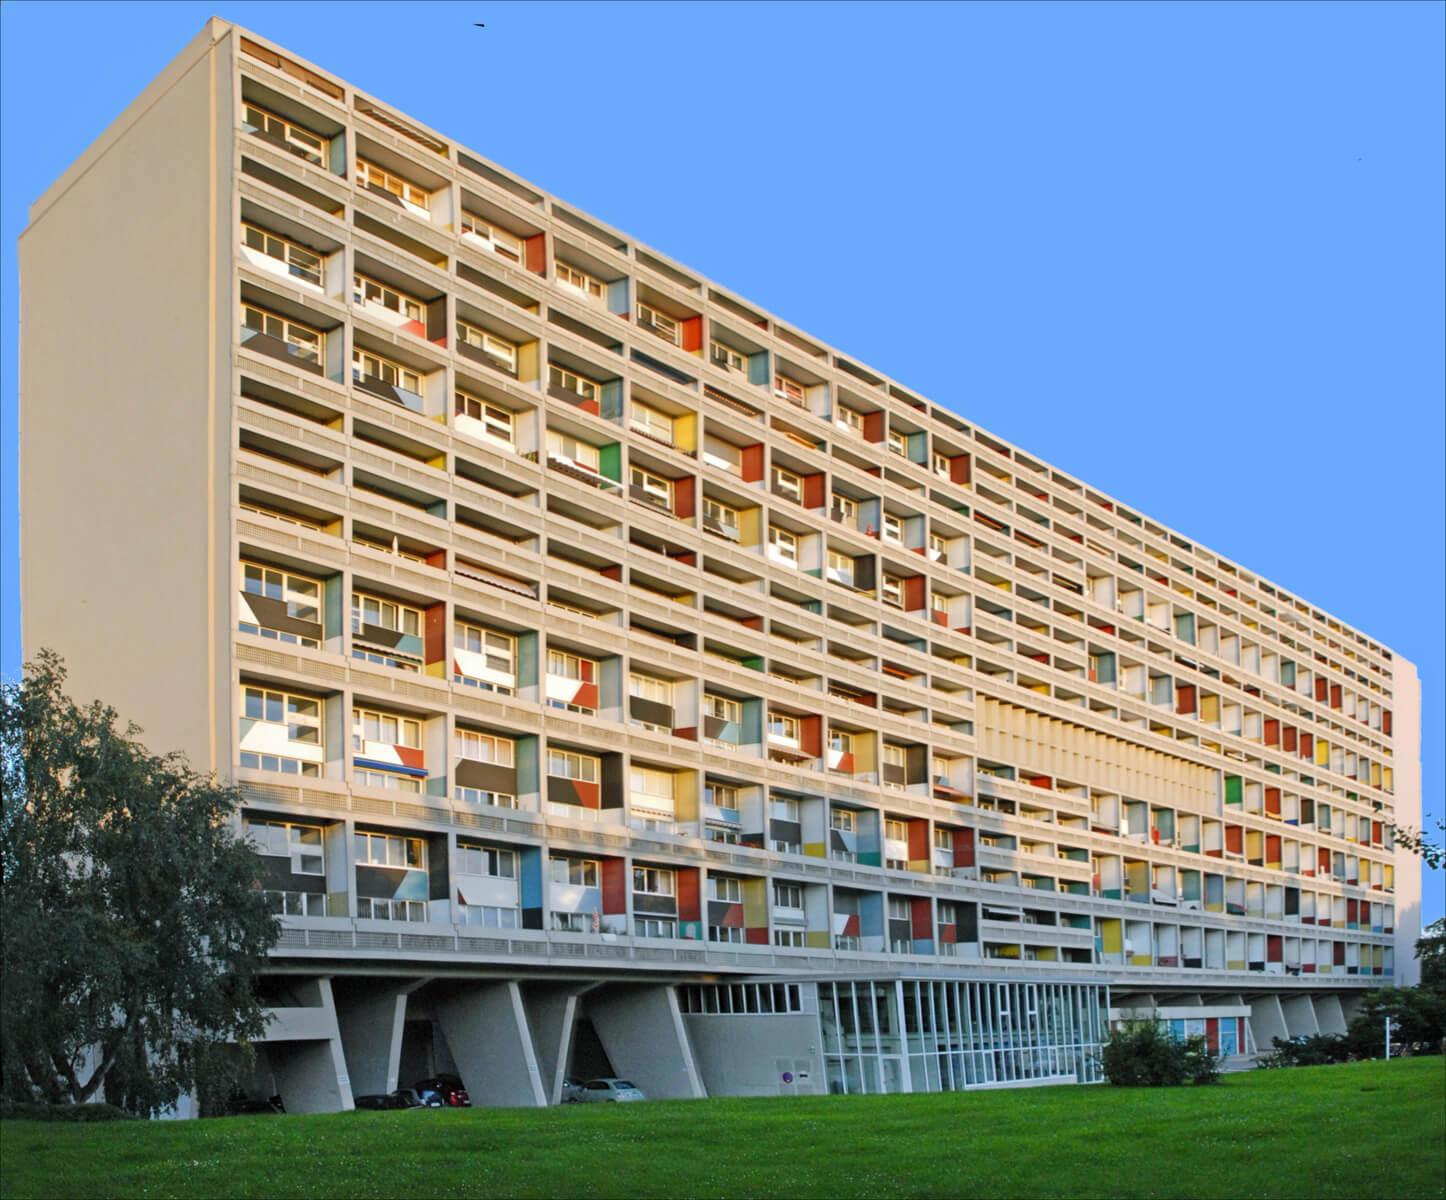 La Cité Radieuse, Le Corbusier